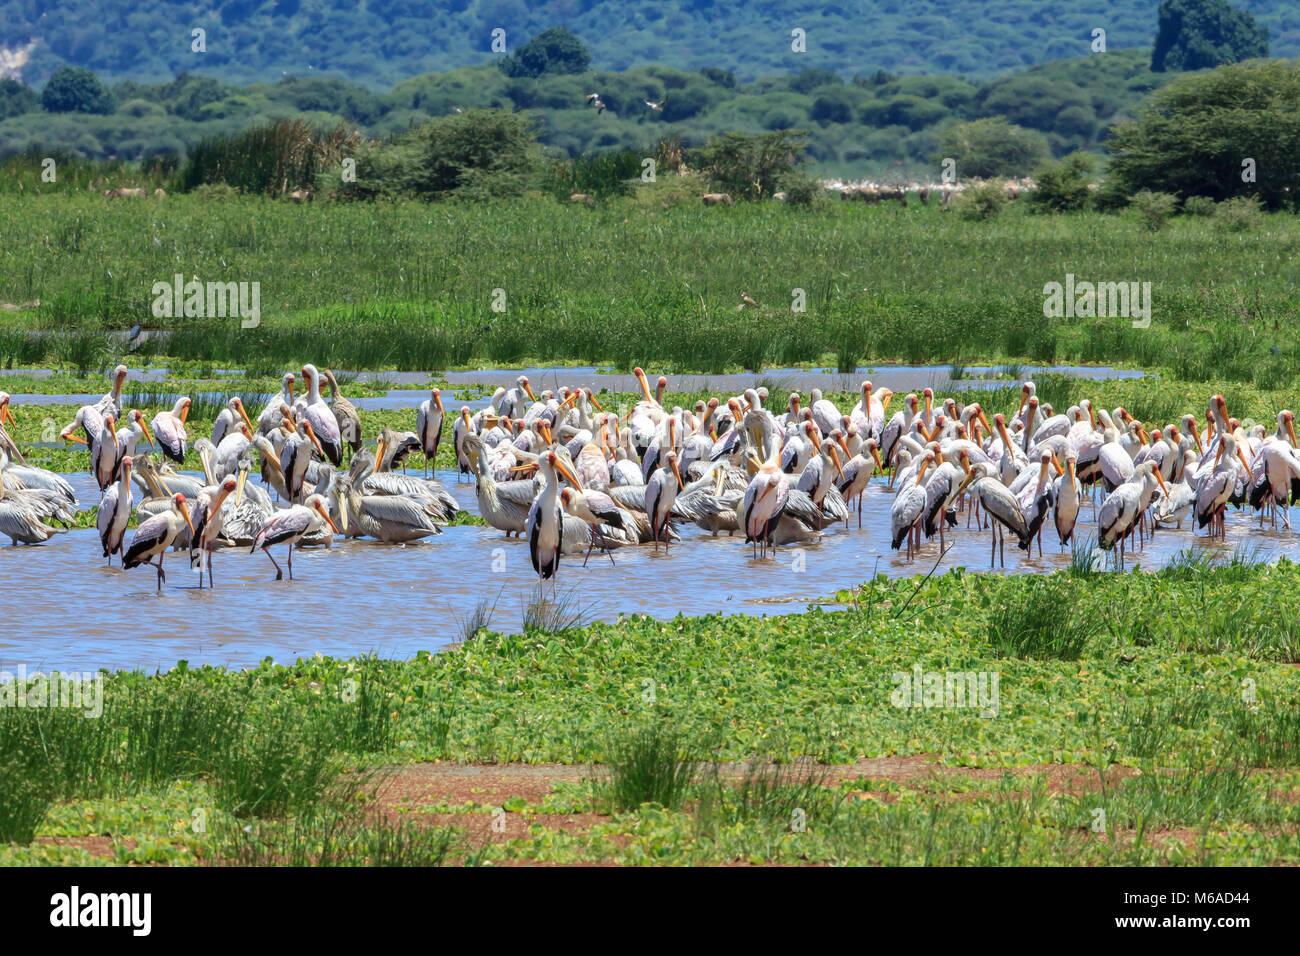 Lake Manyara National Park - Stock Image